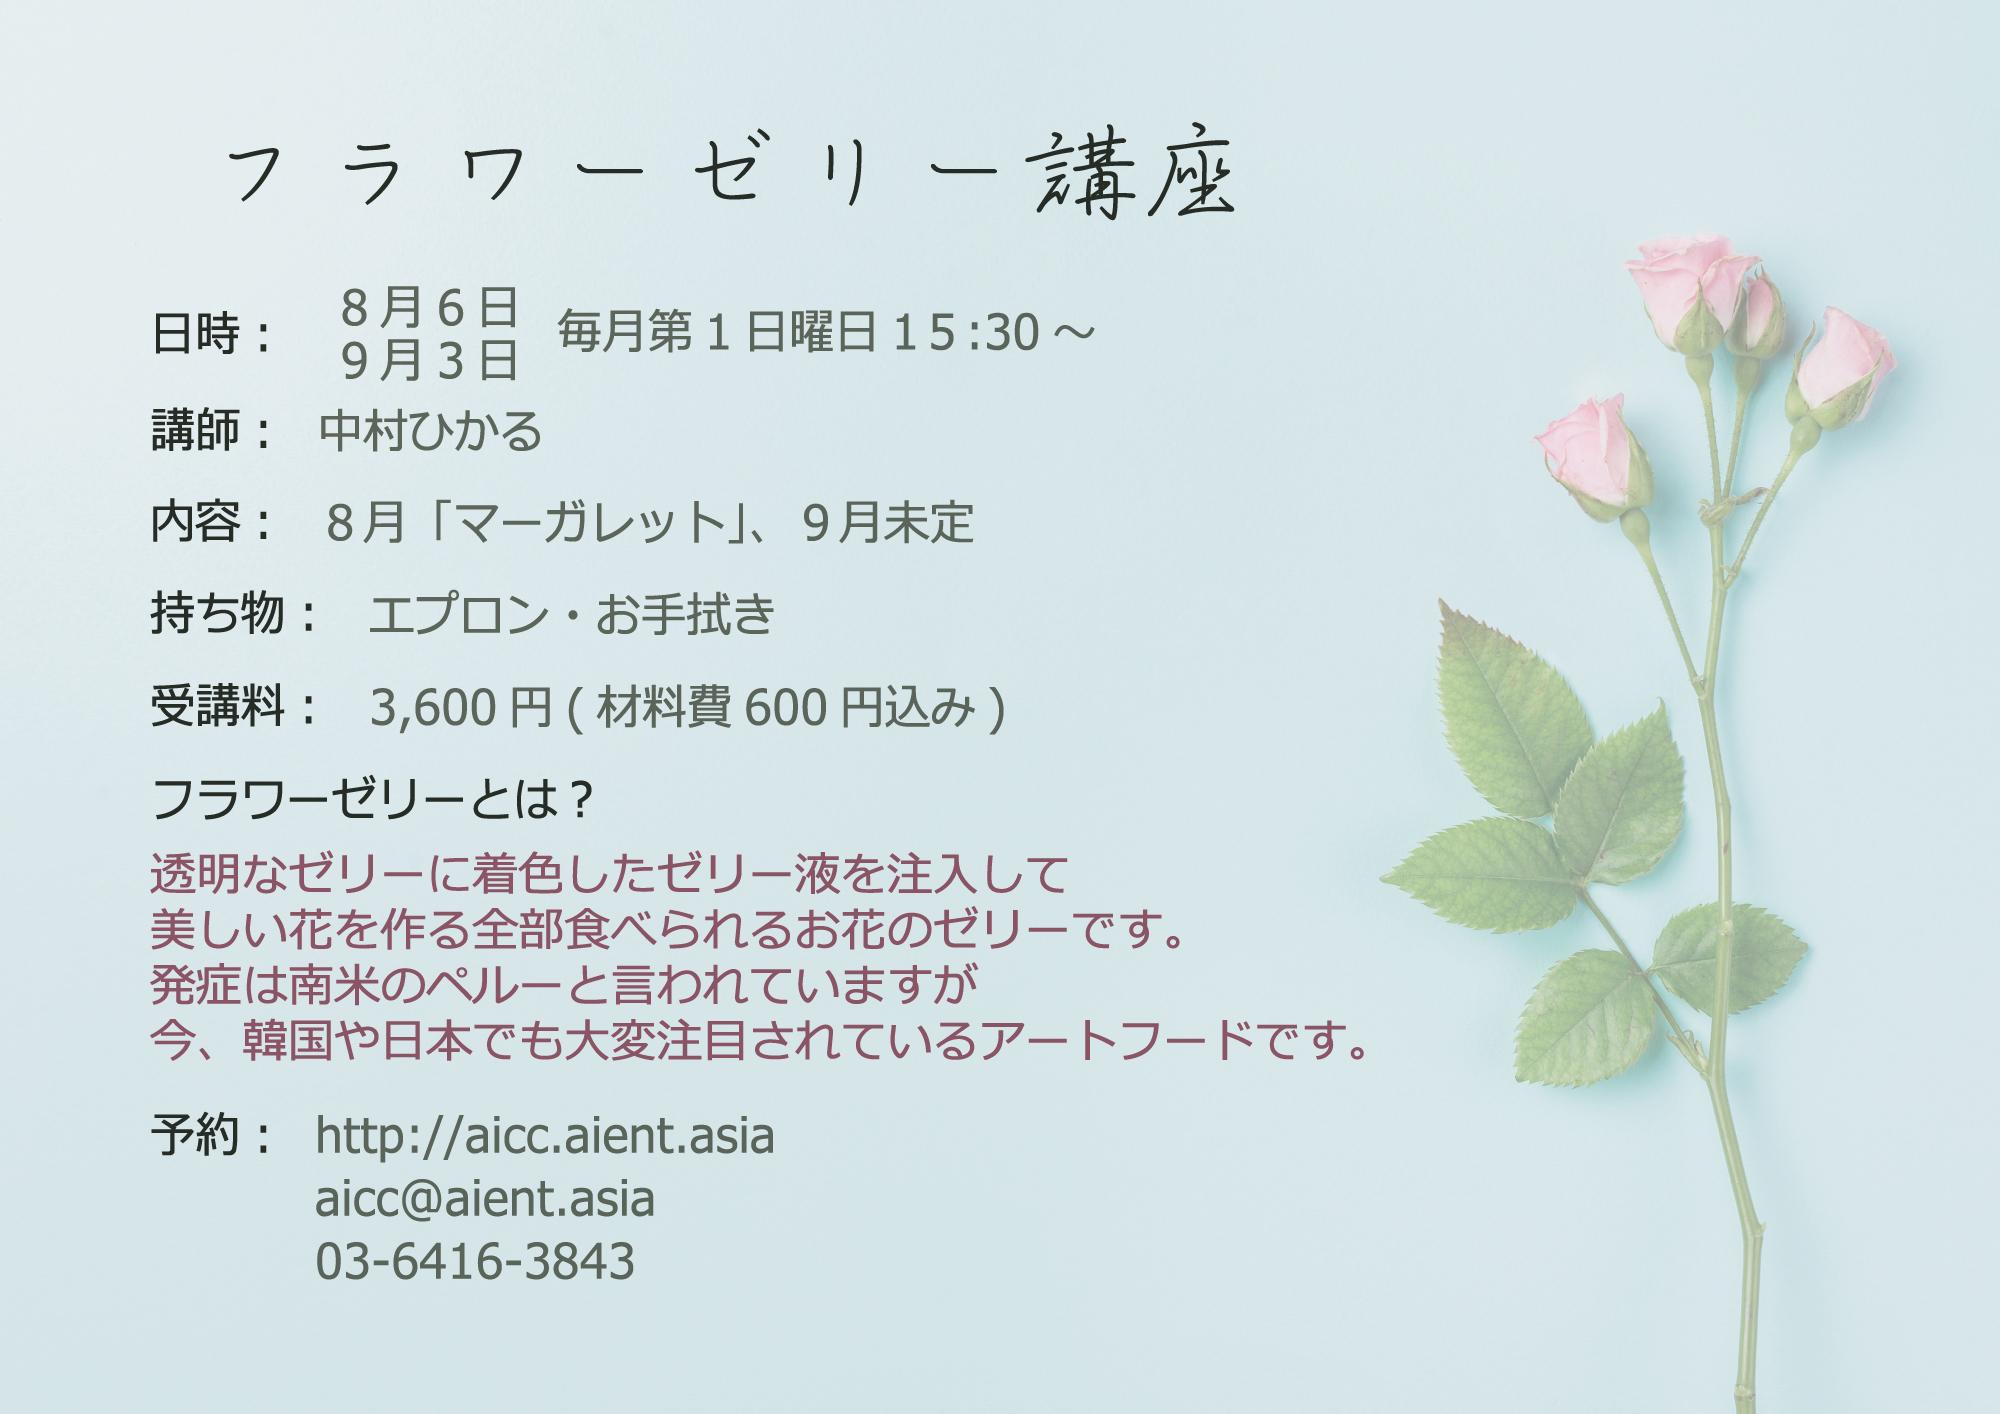 花が咲いてるゼリーを作ってみましょう!!